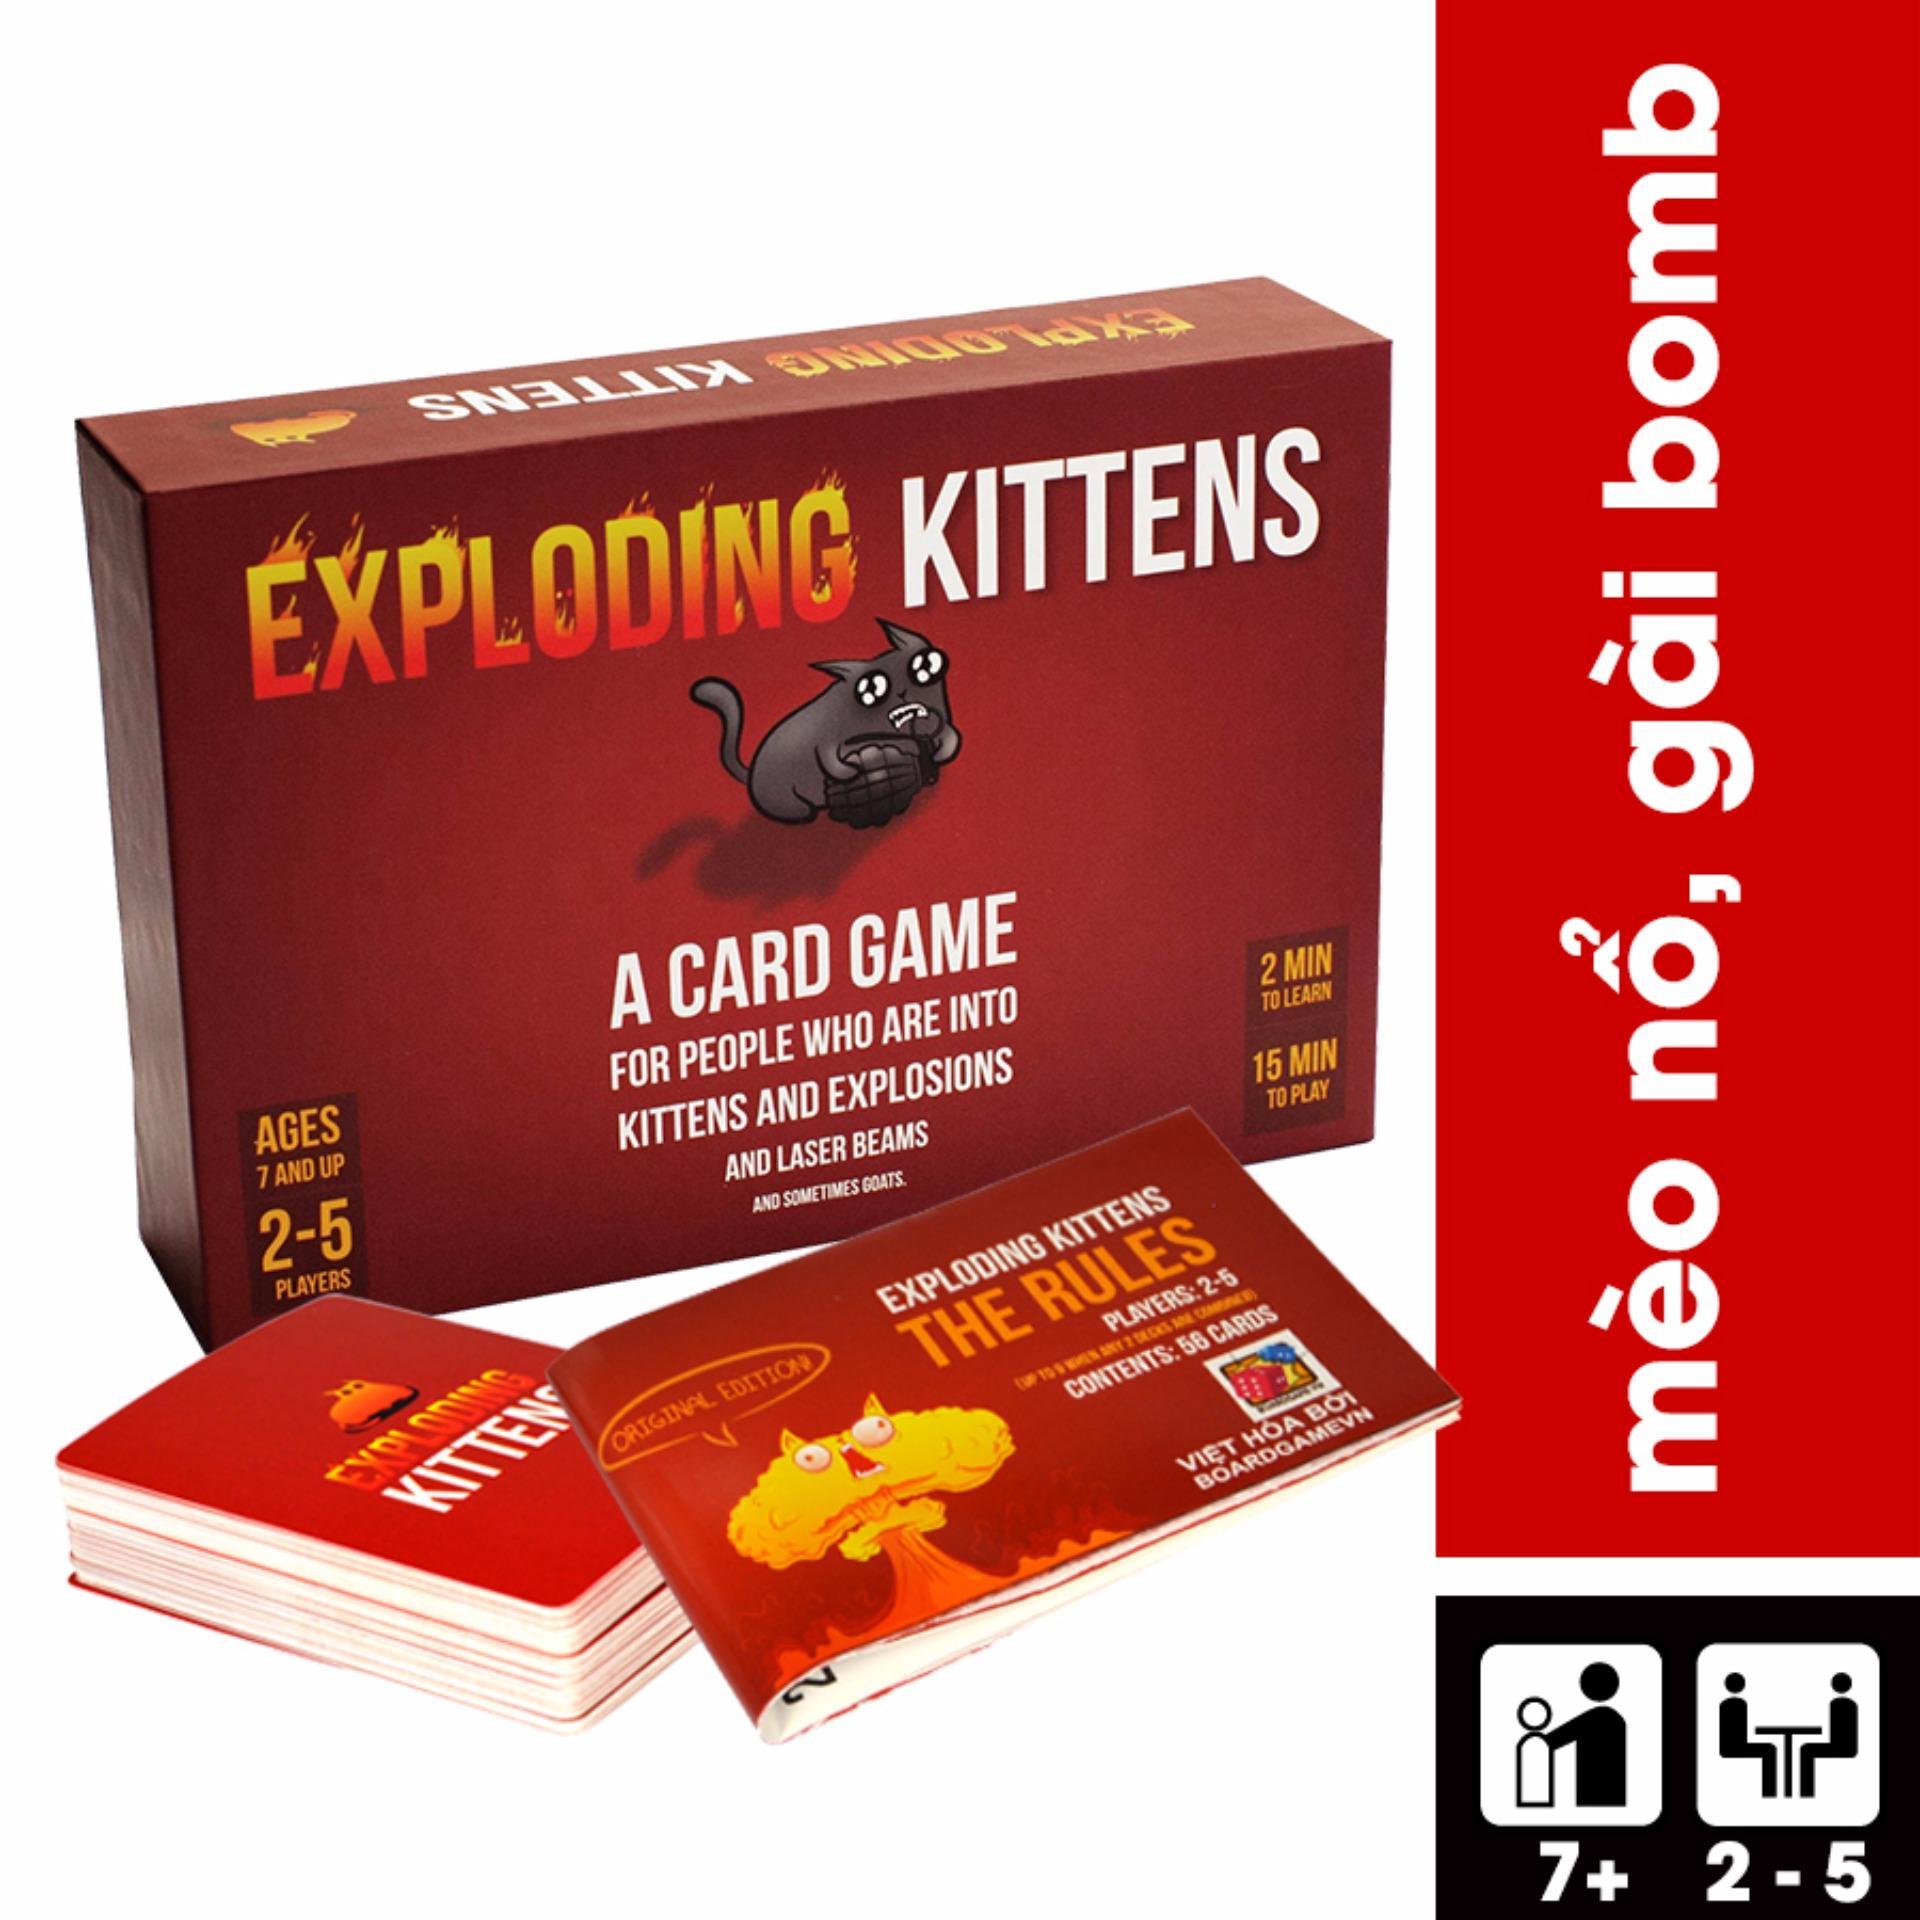 Nơi Bán Mèo Nổ – Exploding Kittens